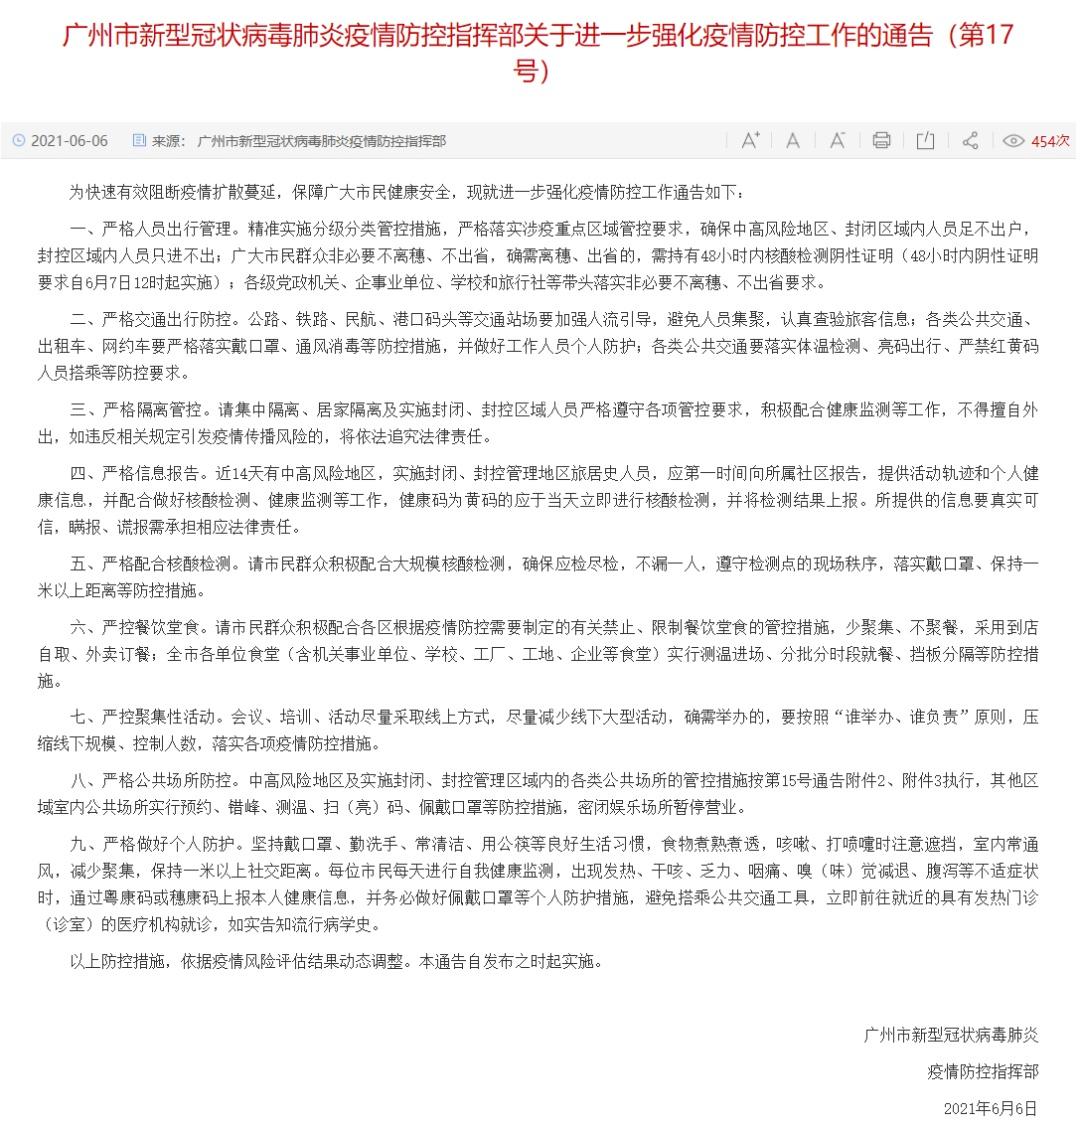 新增6+3,有一家6口均被感染!刚刚,广州发布9条严控措施,非必要不离穗